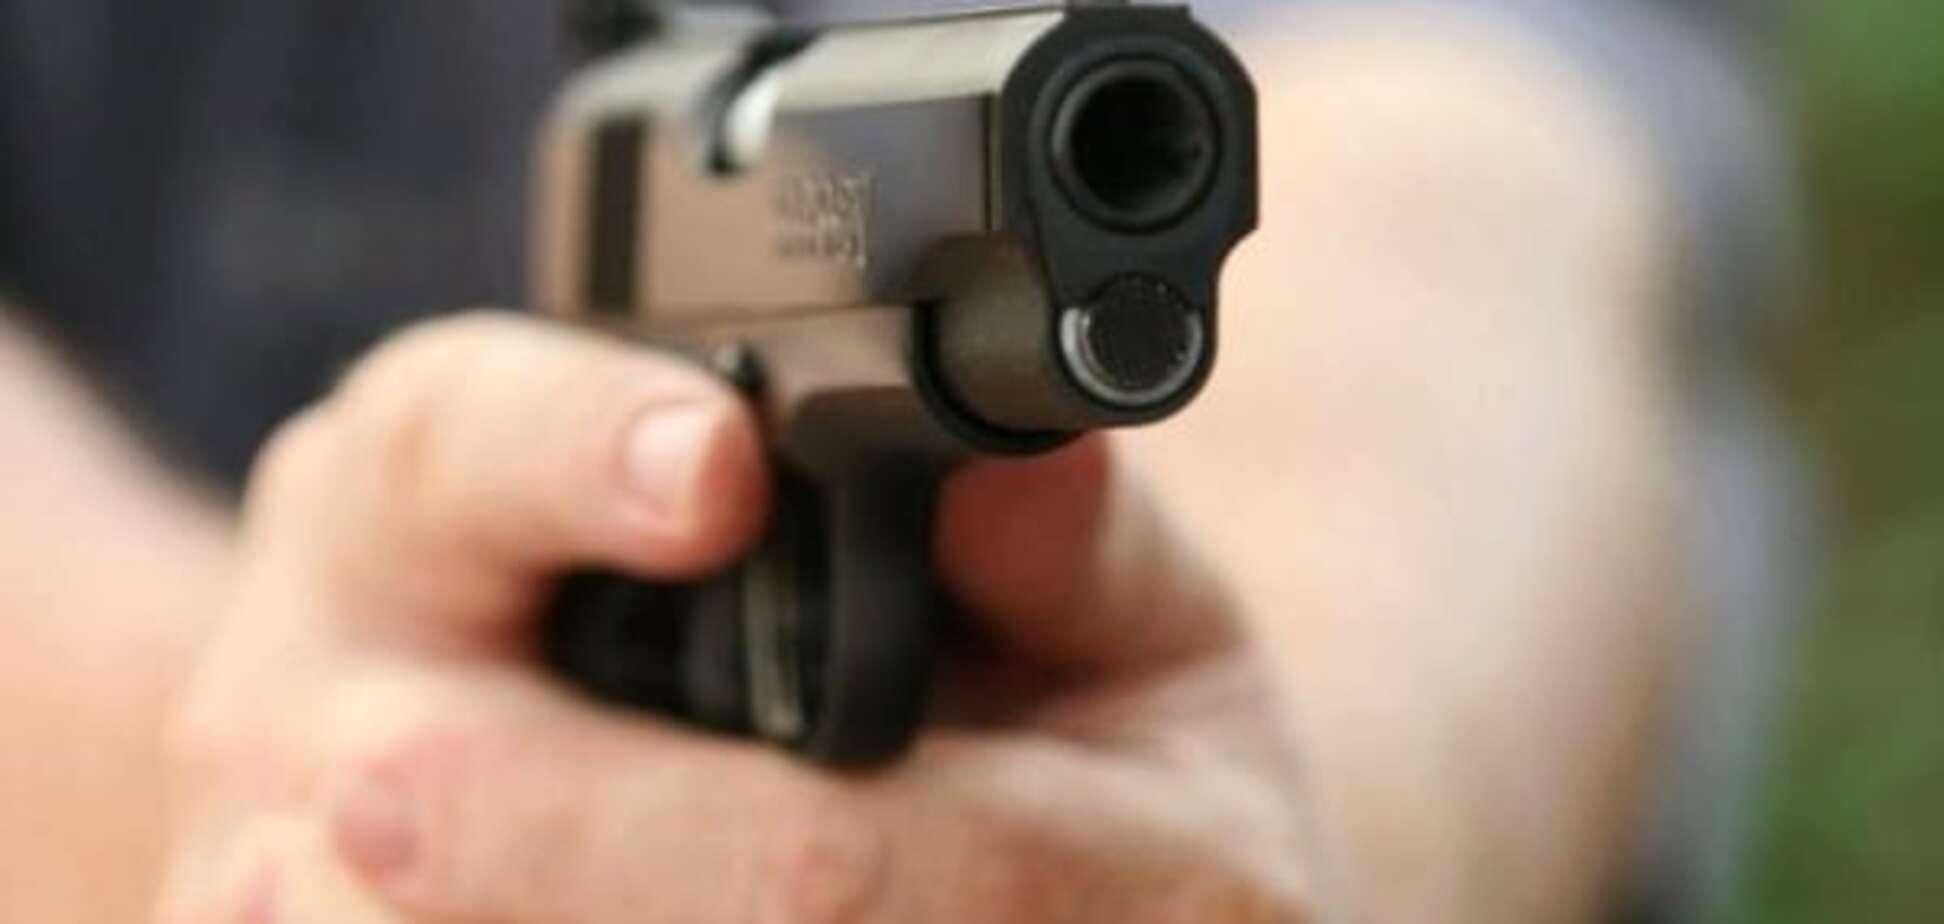 Застрелений у Києві чоловік був співмешканцем судді Цокол - джерело